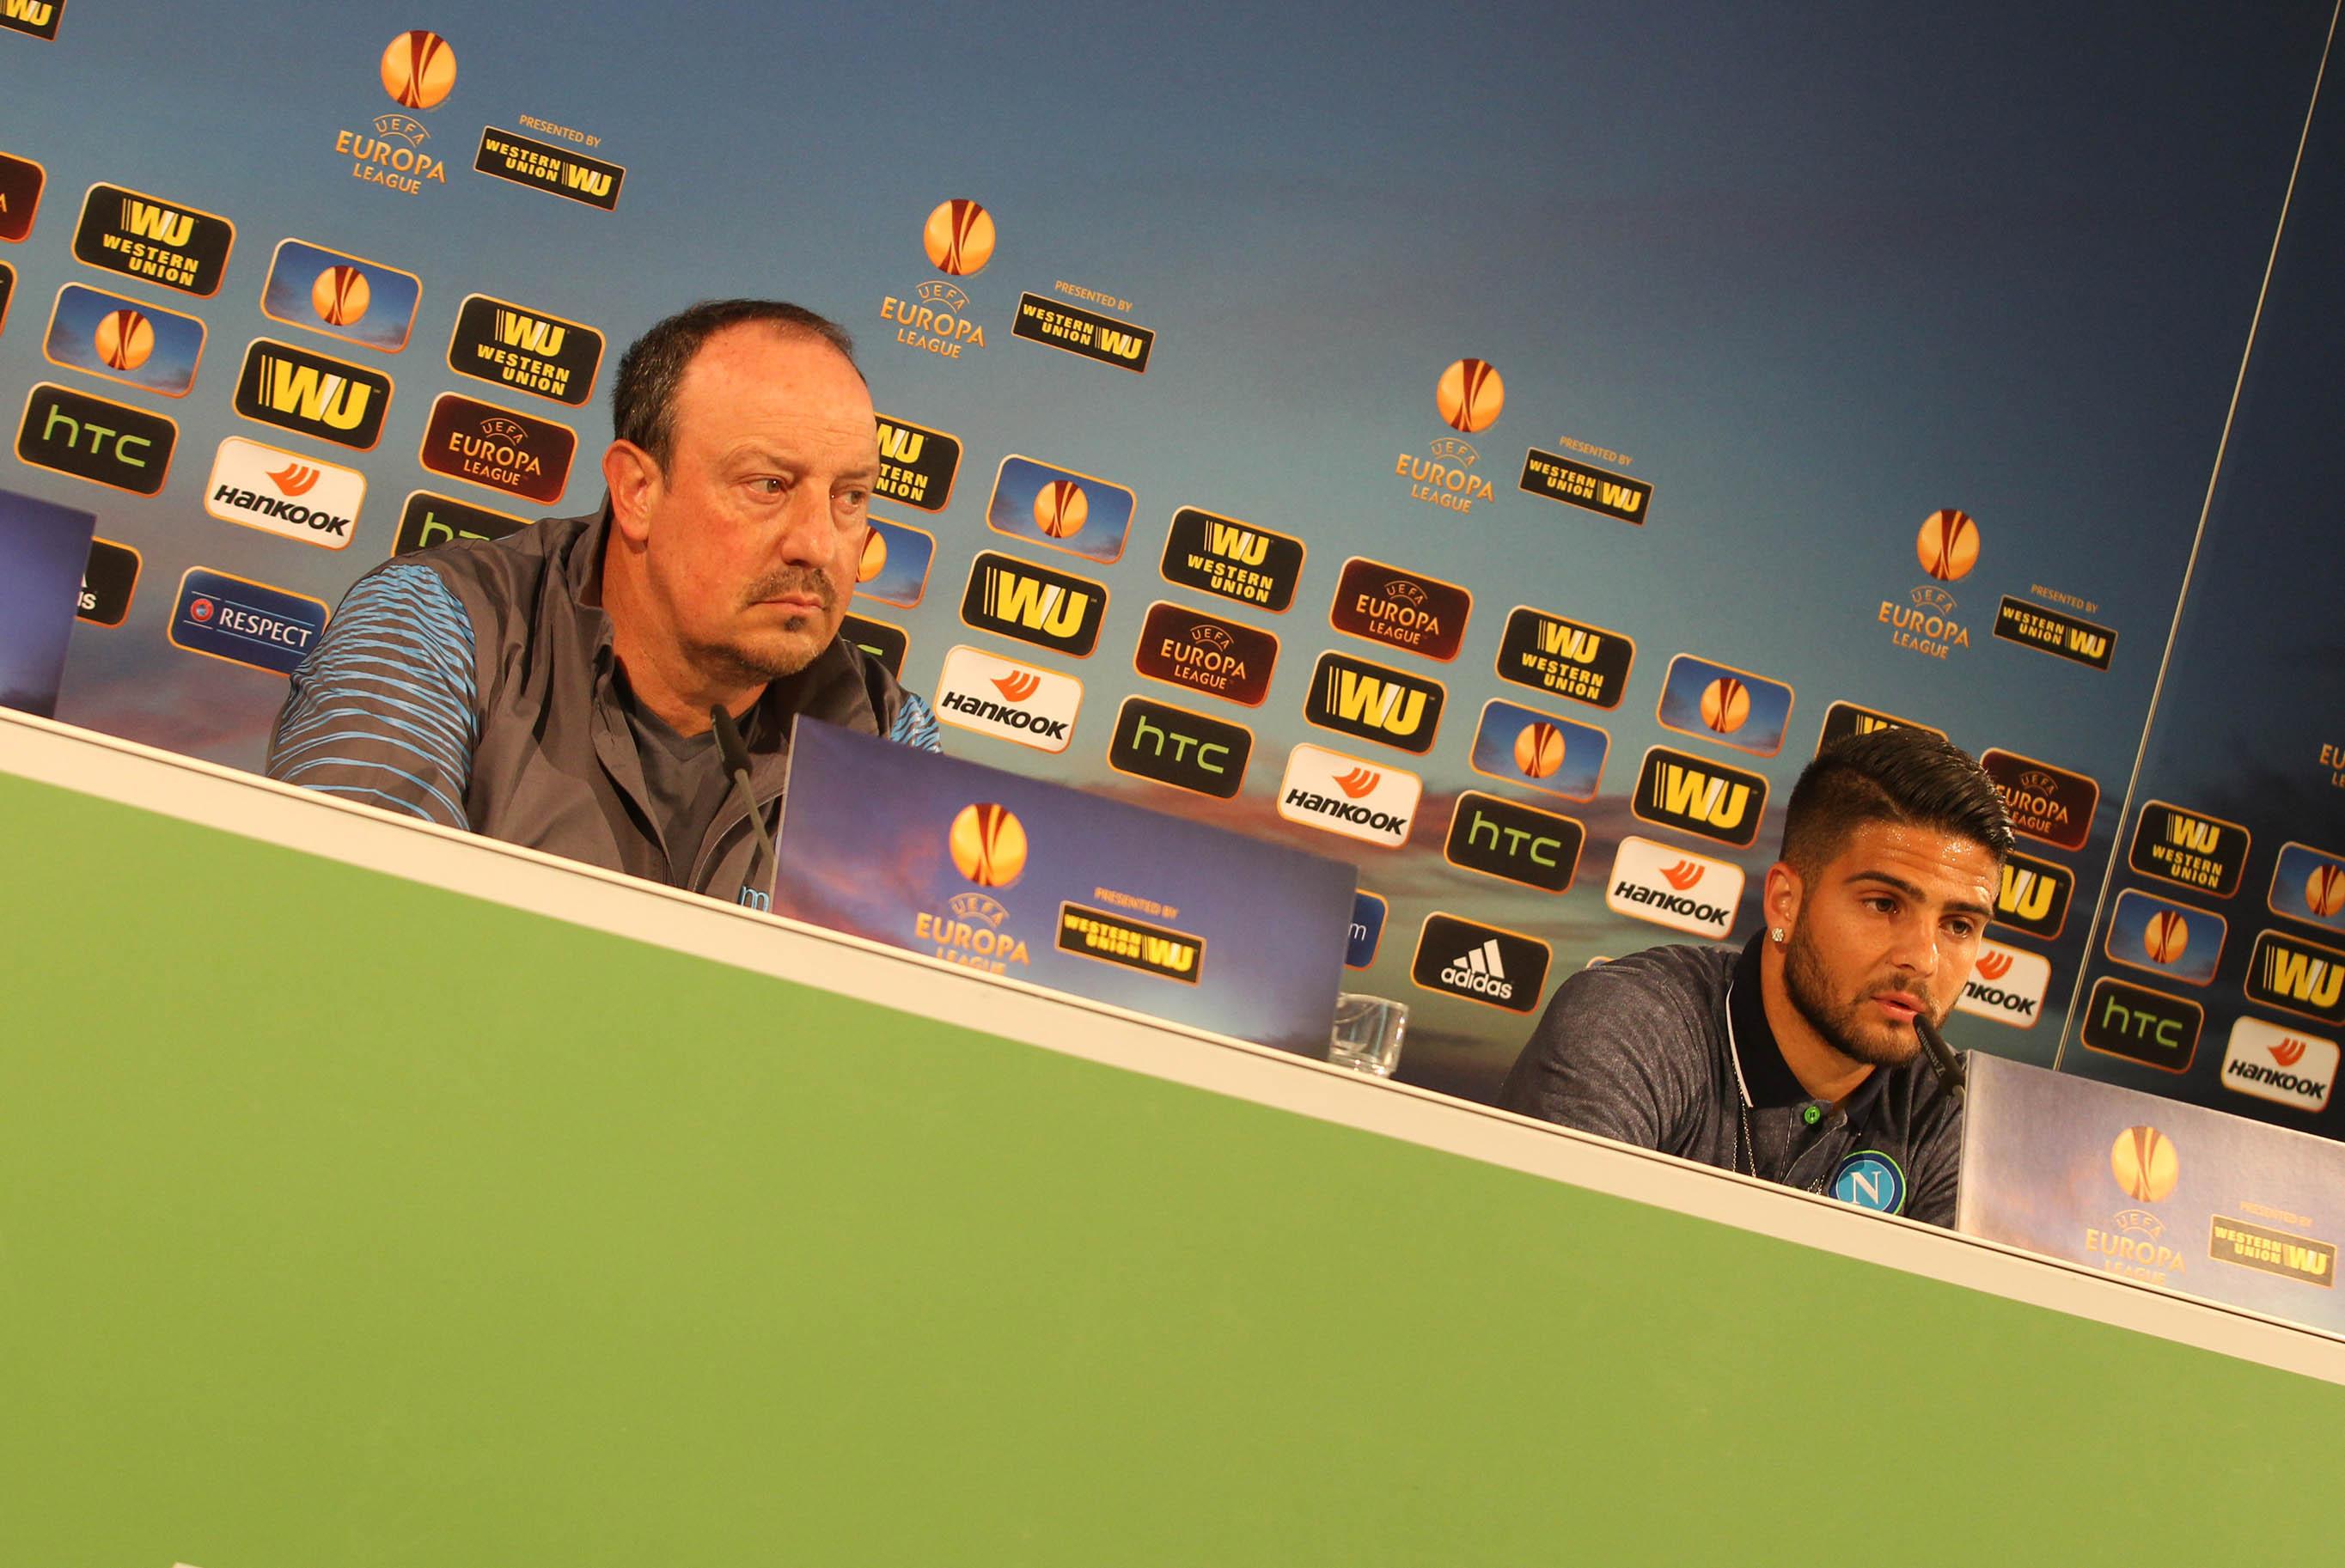 Conferenza stampa di Wolfsburg Napoli: le dichiarazioni di Benitez, Hecking e Insigne (Video e Foto Allenamento)